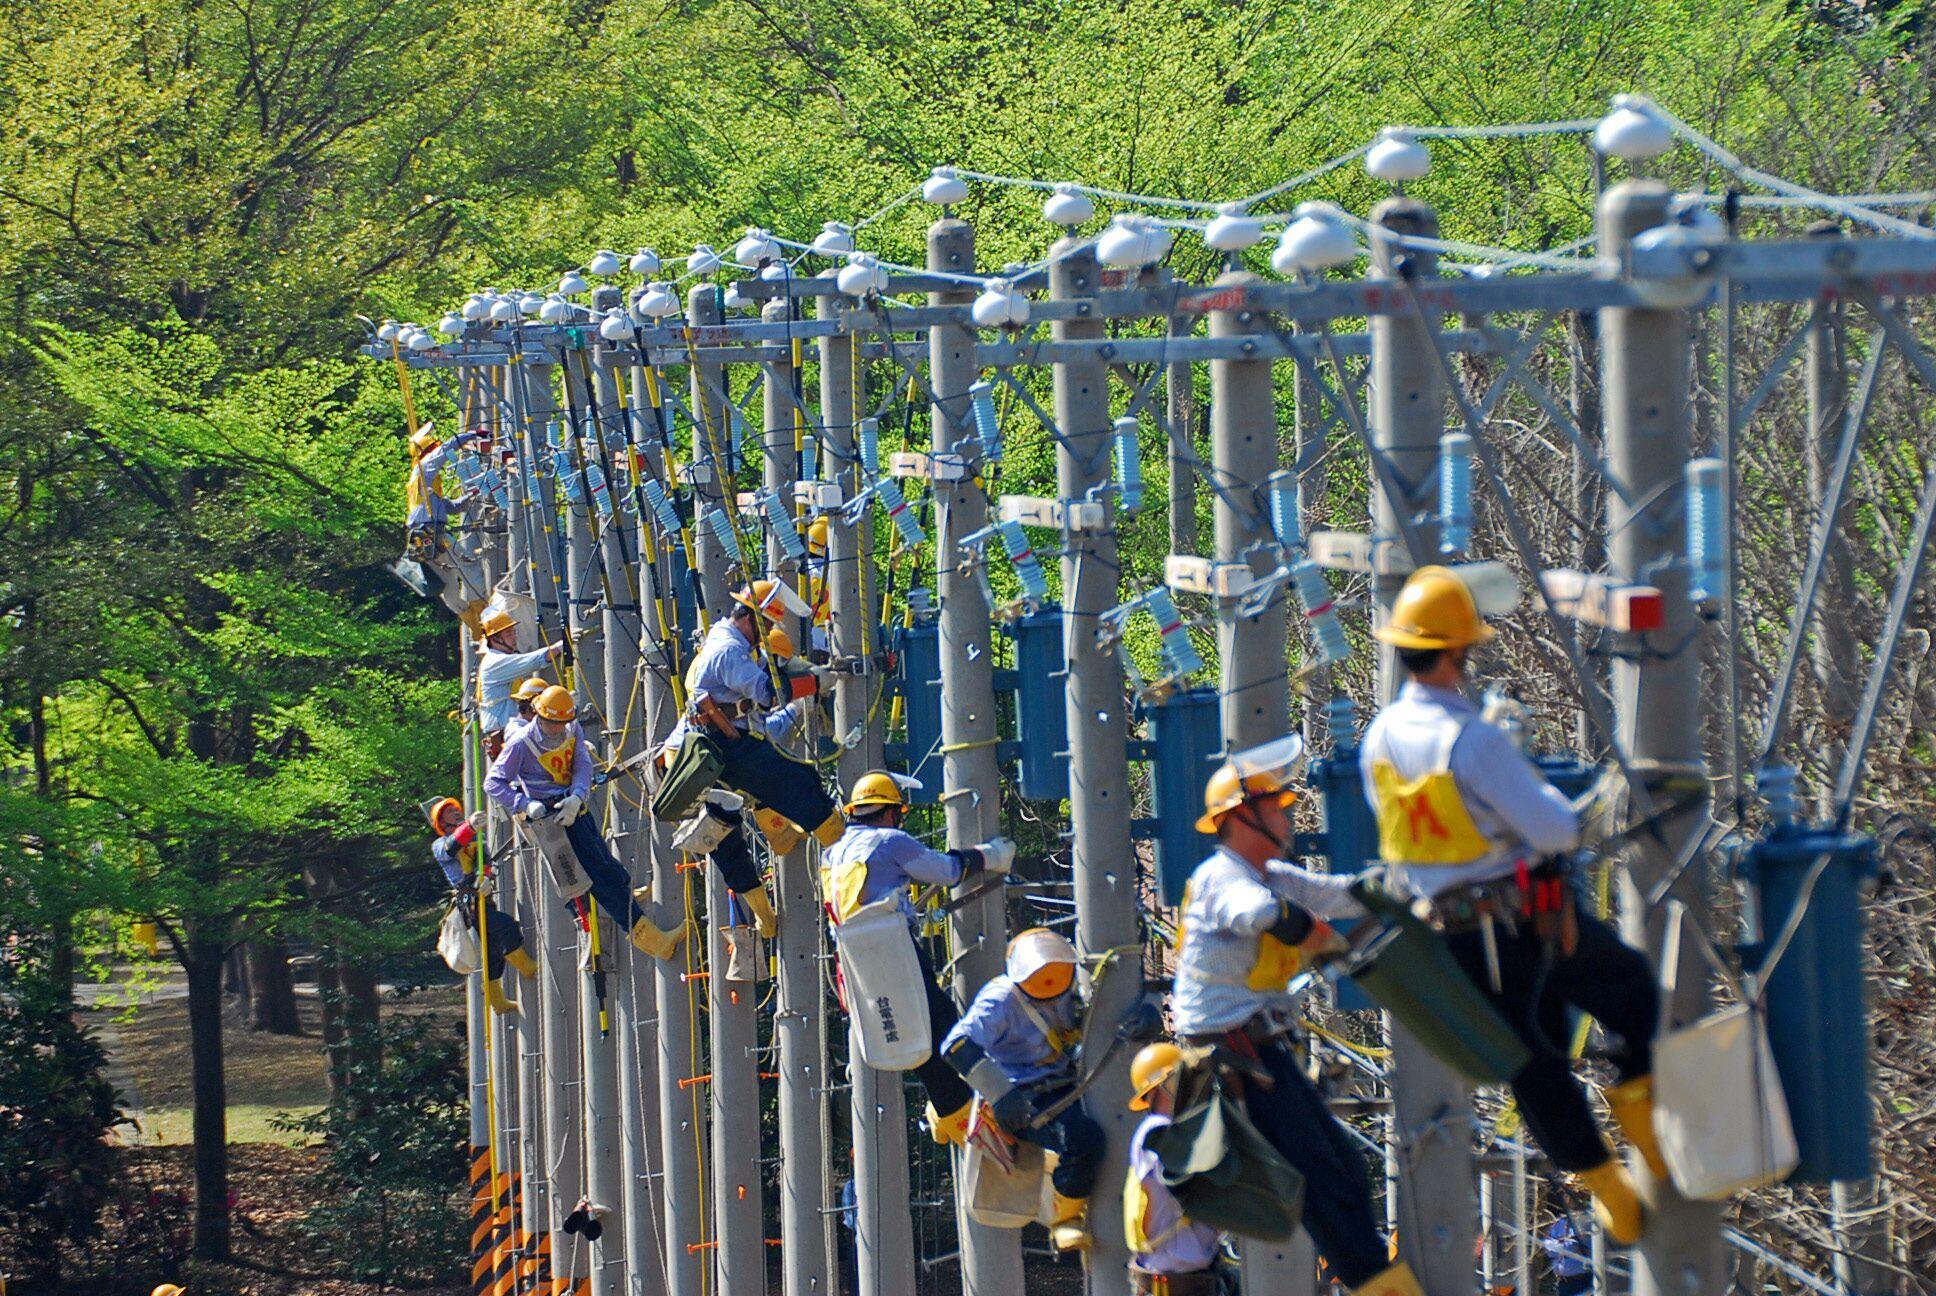 台電招考新進雇用人員 預計招654名